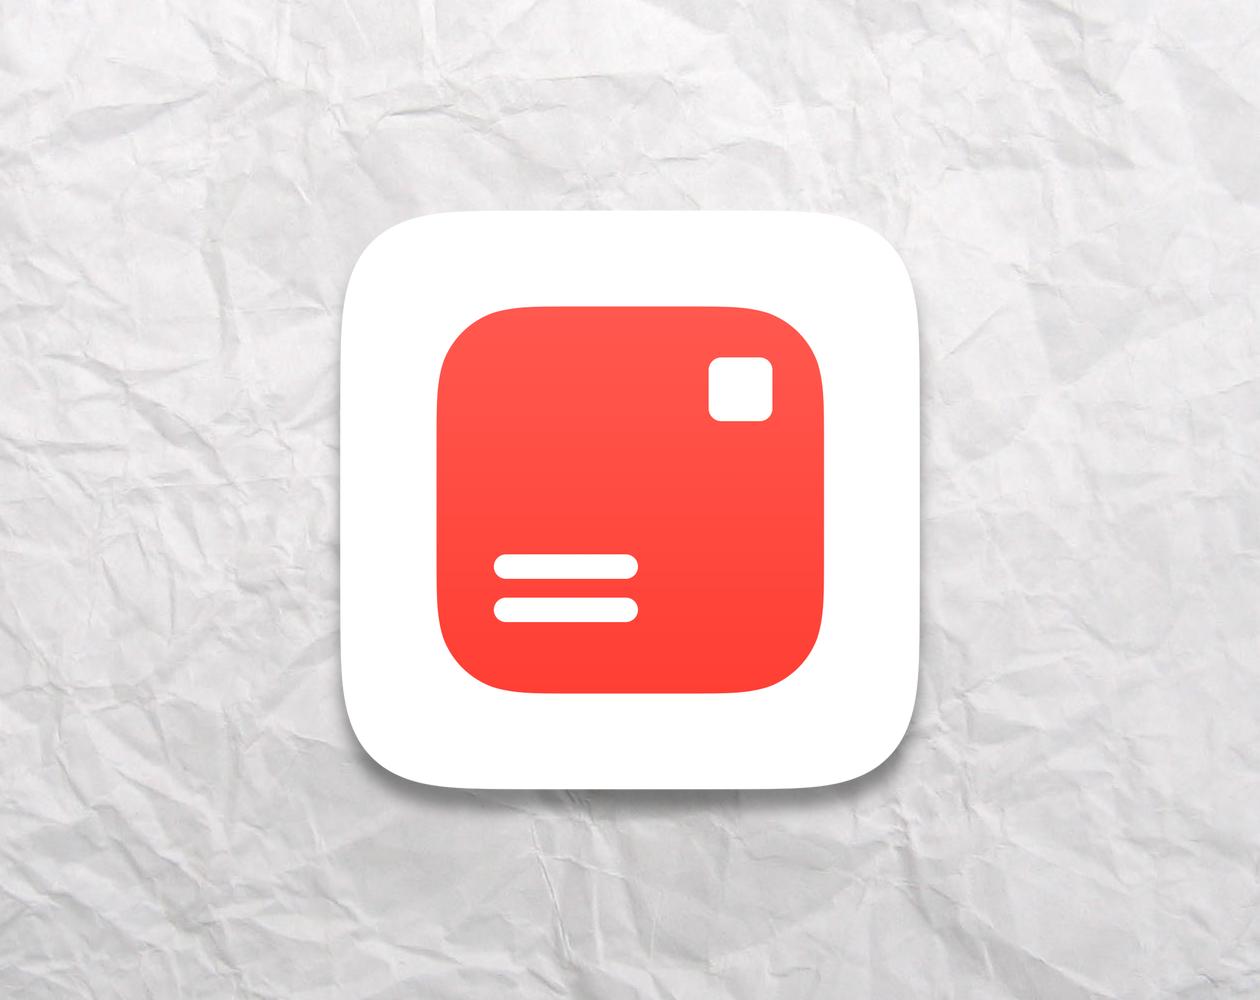 SquareOne: Gmail-клиент для iPhone, вносящий порядок в работу с почтой при помощи разделения адресатов по группам